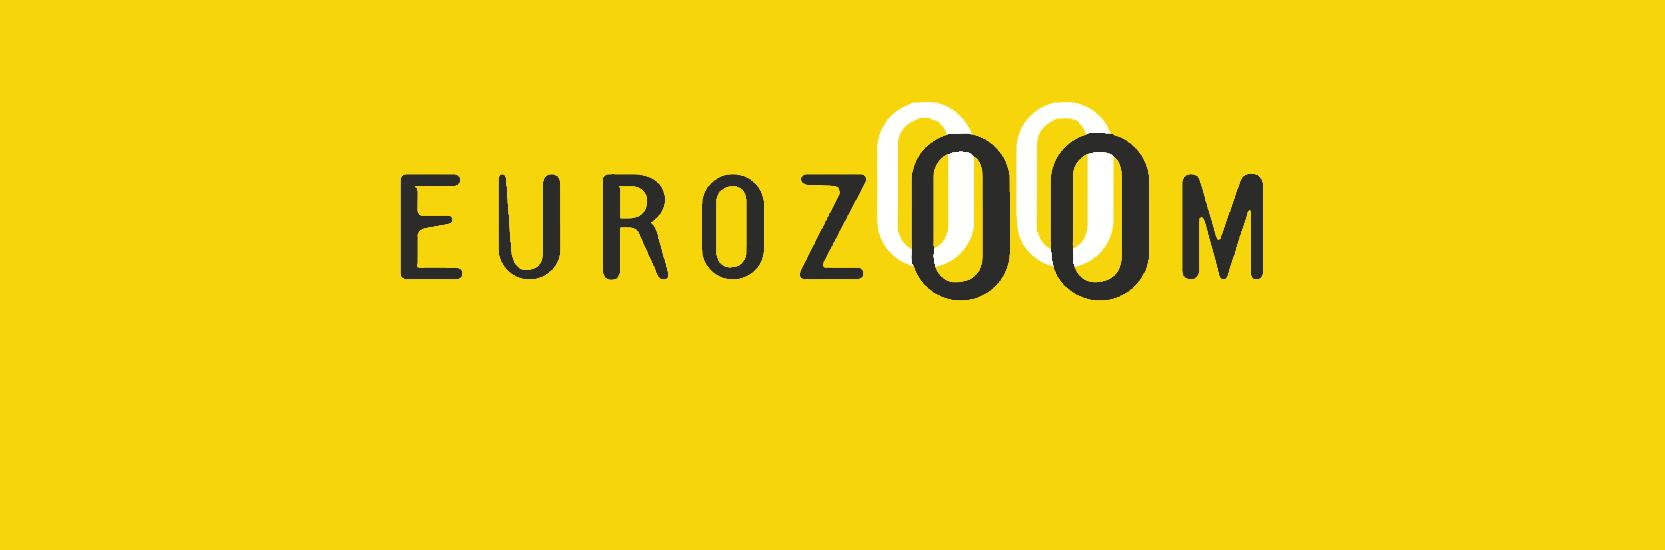 Moisson animée pour Eurozoom à l'EFM de Berlin !